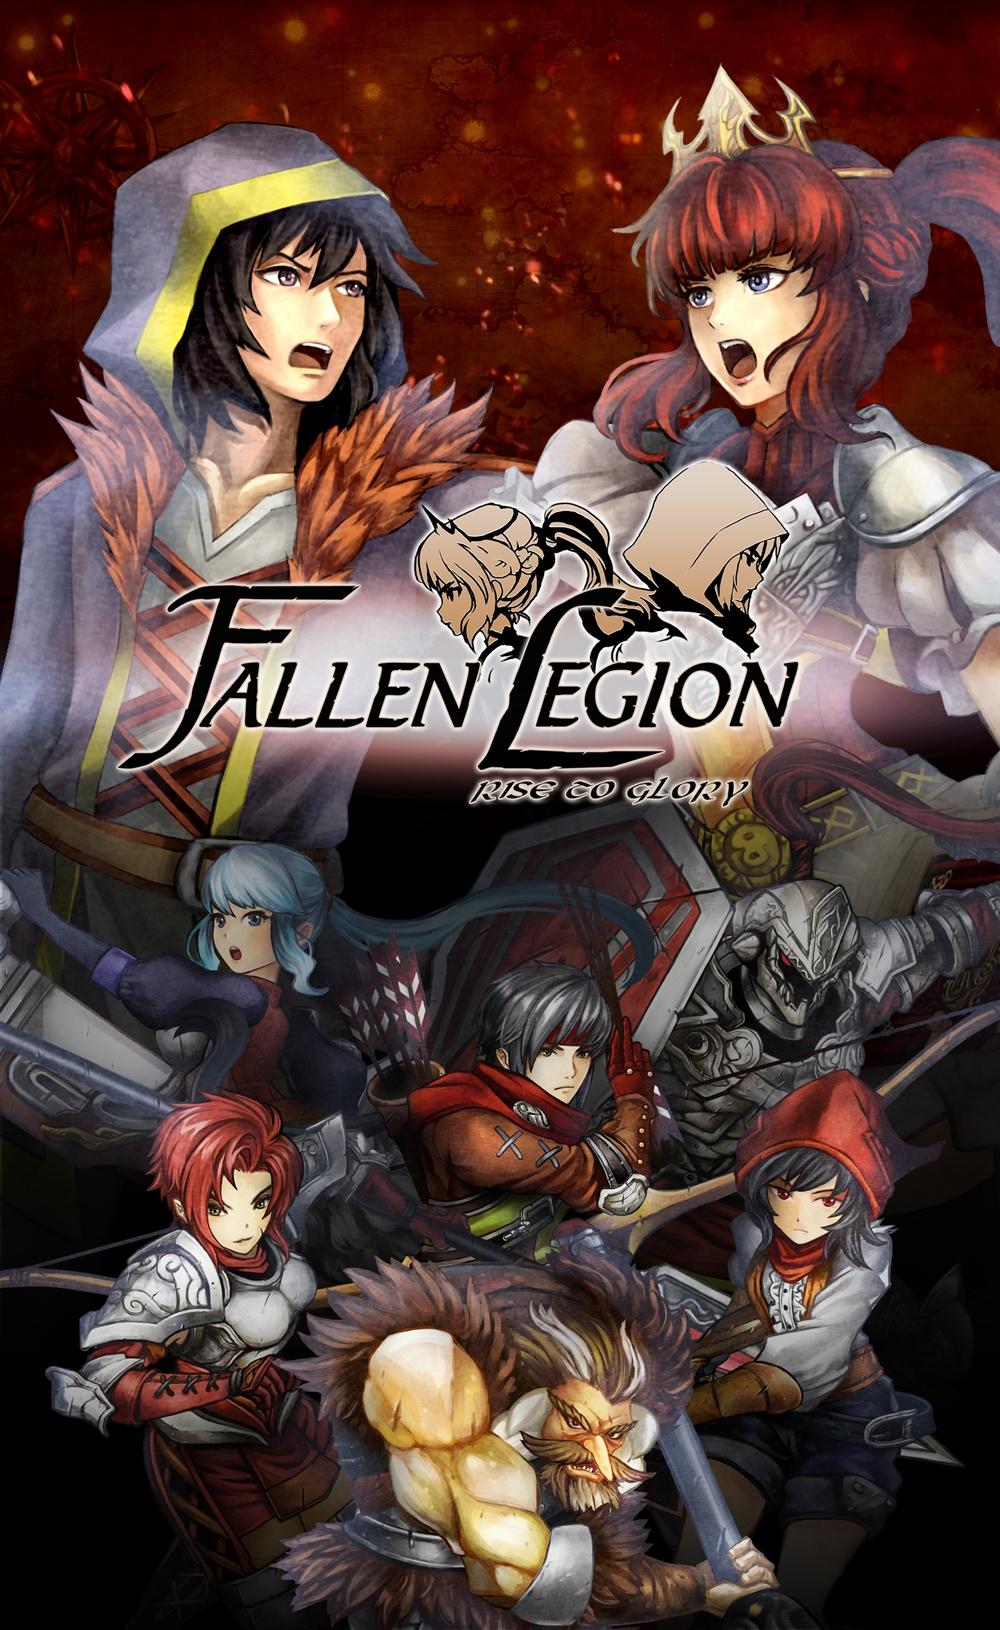 Fallen Legion Rise of Glory Key Art